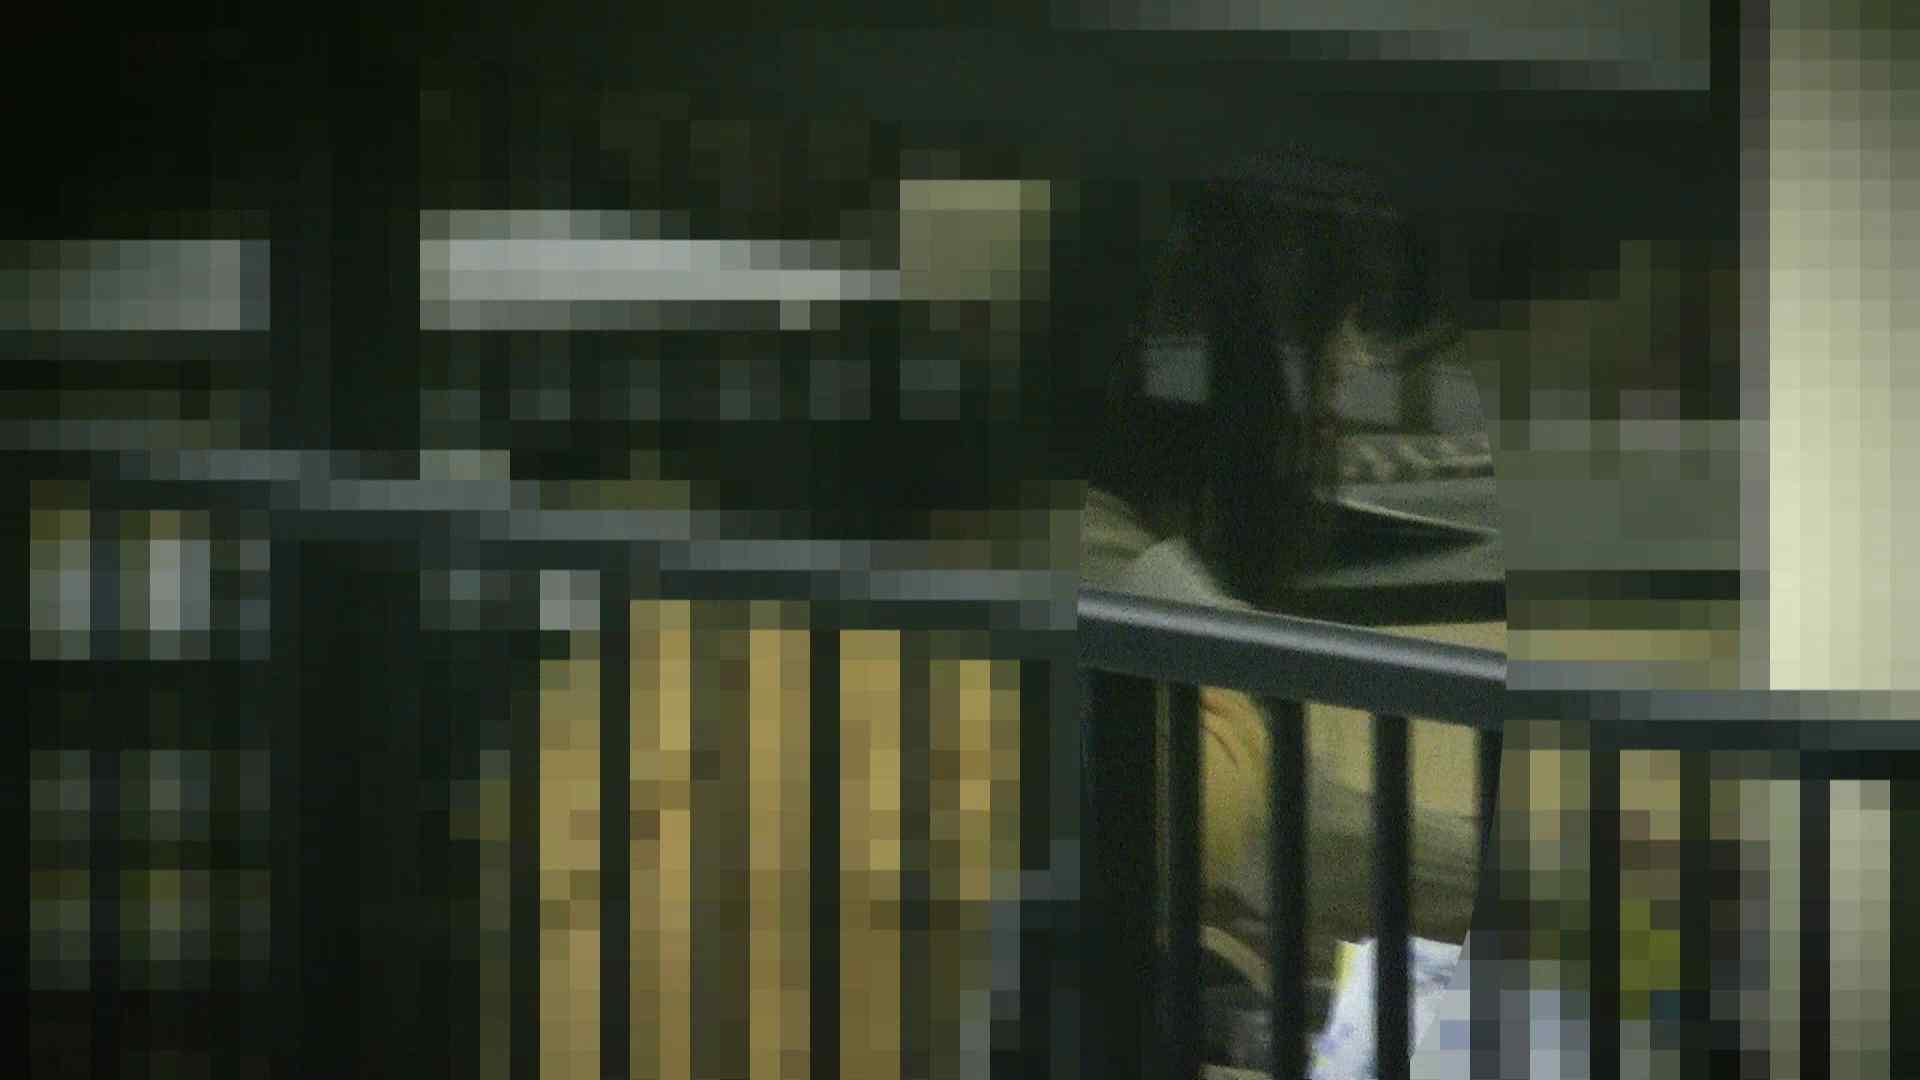 高画質露天女風呂観察 vol.006 OLのエロ生活 隠し撮りオマンコ動画紹介 60連発 23